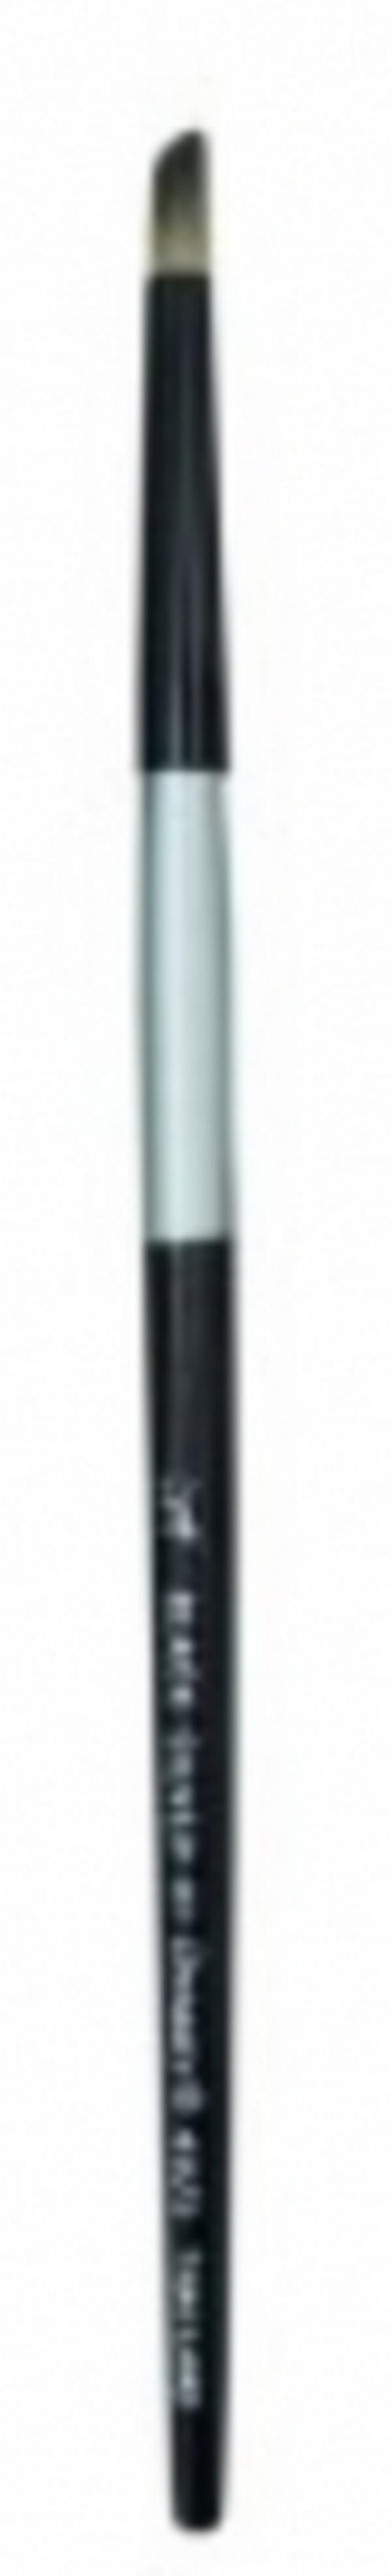 Black Silver Manche régulier - Pied de biche